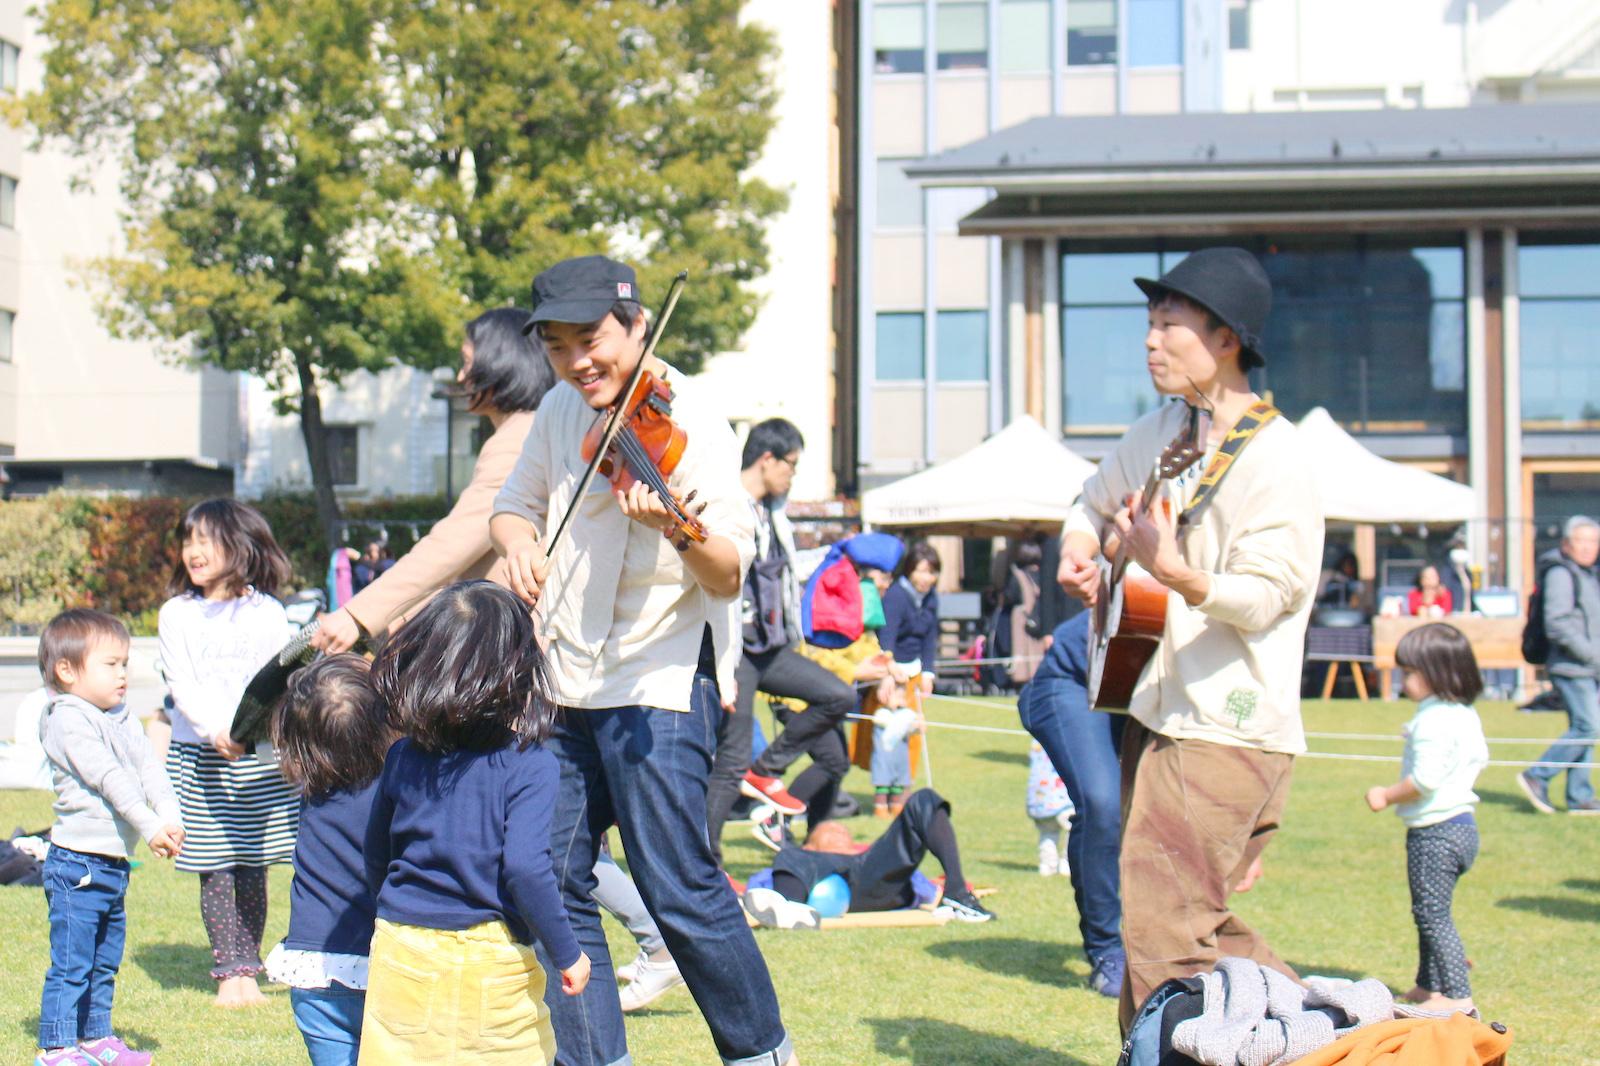 音楽の生演奏など、訪れた人と一緒に楽しめるコンテンツもある。